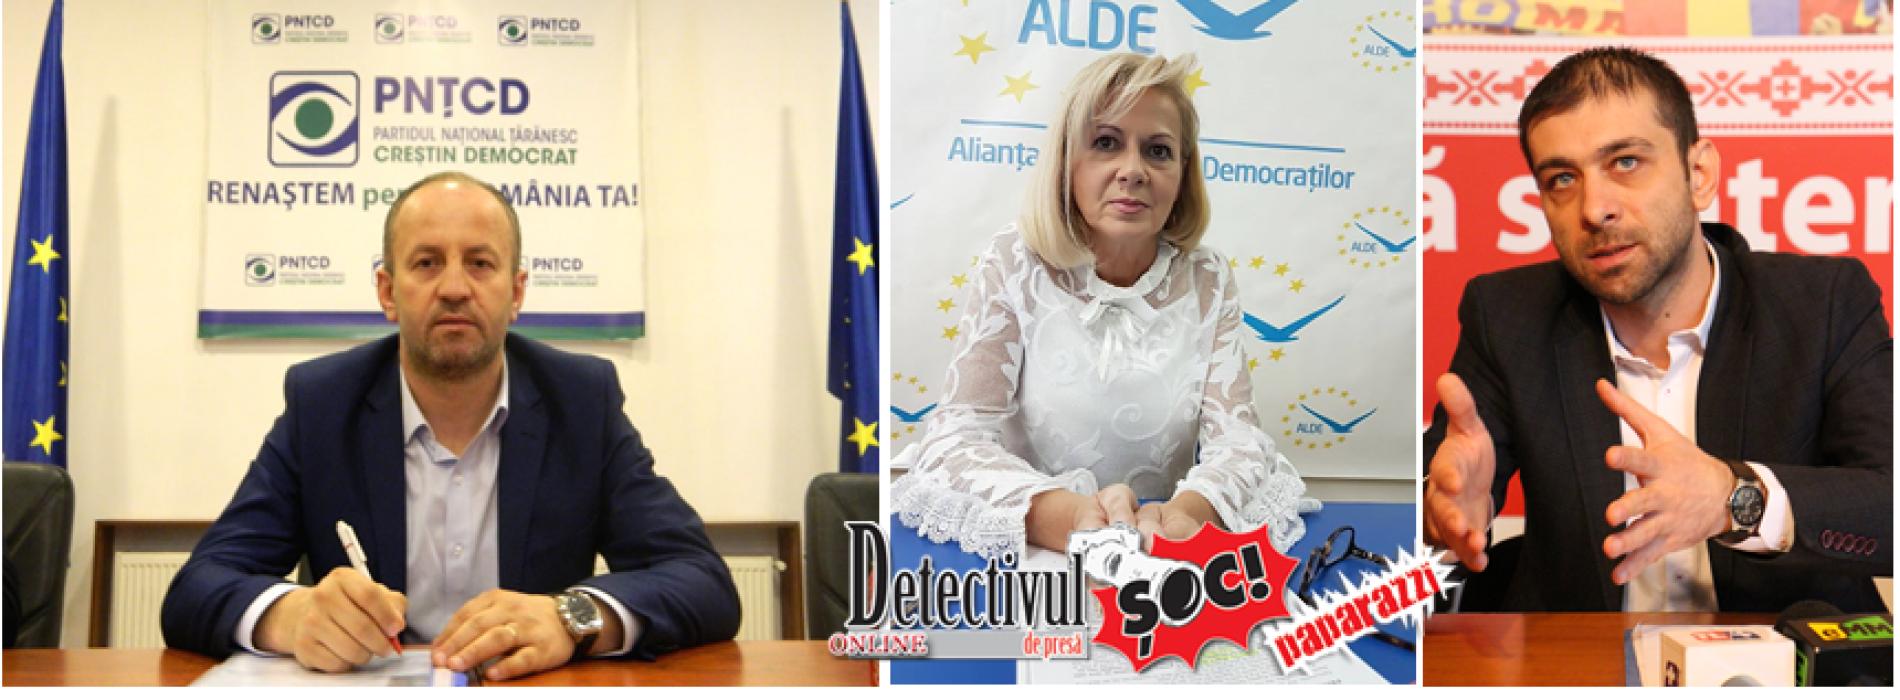 VIDEO. Doru Dăncuș vrea LOCUL Corneliei Negruț în partid și loc la DEPUTĂȚIE pe viitor, cu AJUTORUL lui Gabriel Zetea